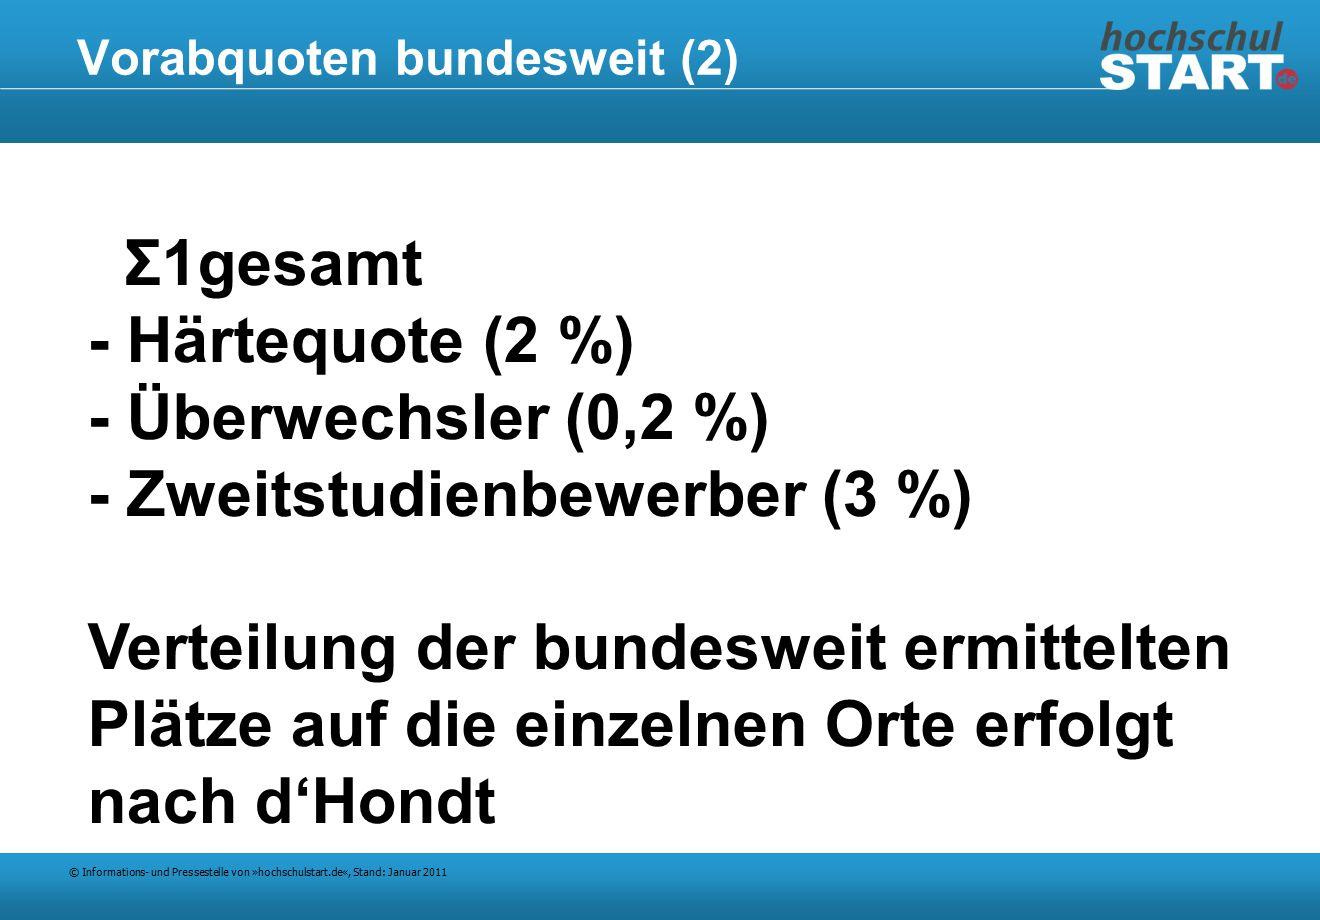 © Informations- und Pressestelle von »hochschulstart.de«, Stand: Januar 2011 Vorabquoten bundesweit (2) Σ1gesamt - Härtequote (2 %) - Überwechsler (0,2 %) - Zweitstudienbewerber (3 %) Verteilung der bundesweit ermittelten Plätze auf die einzelnen Orte erfolgt nach d'Hondt